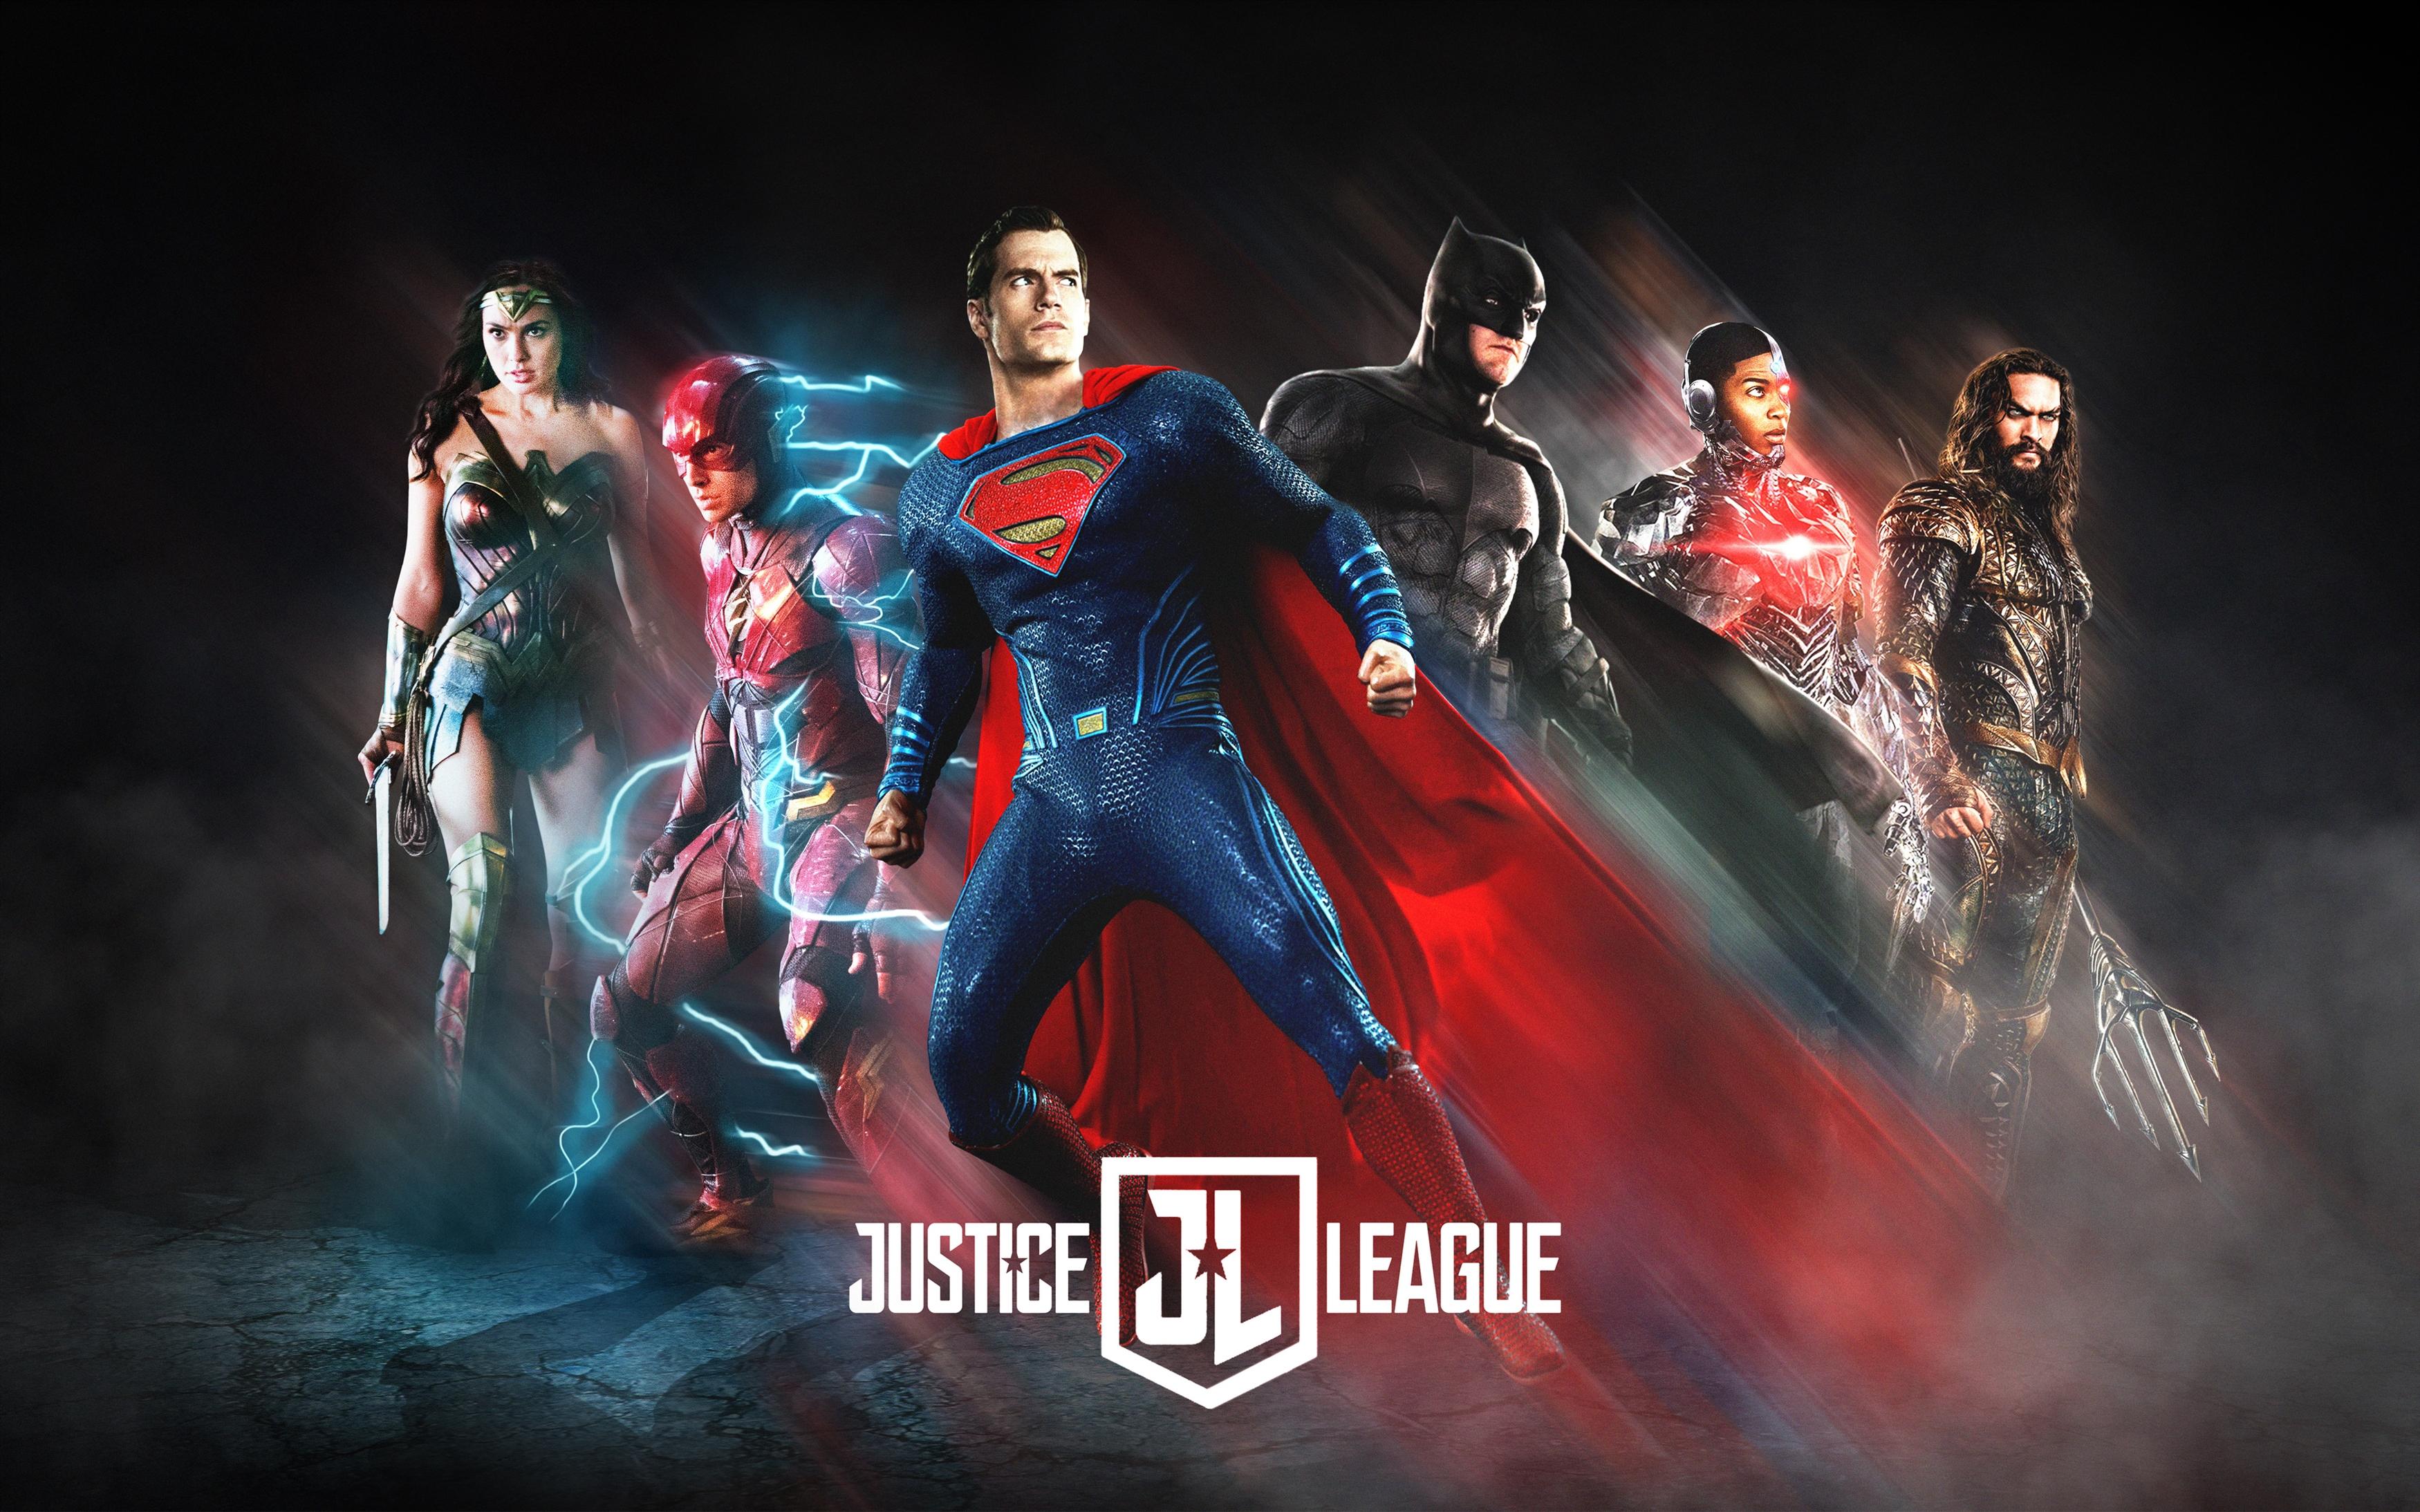 Лига справедливости обои скачать